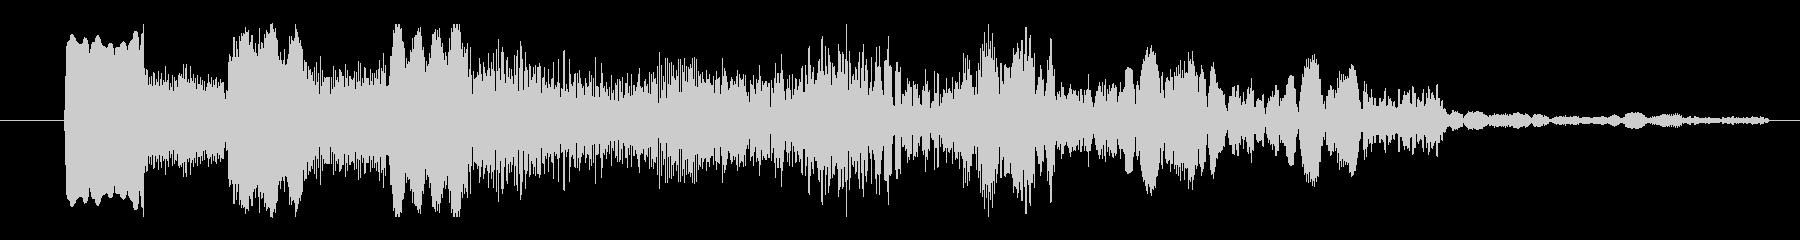 パッド 特撮ダークプラネット02の未再生の波形